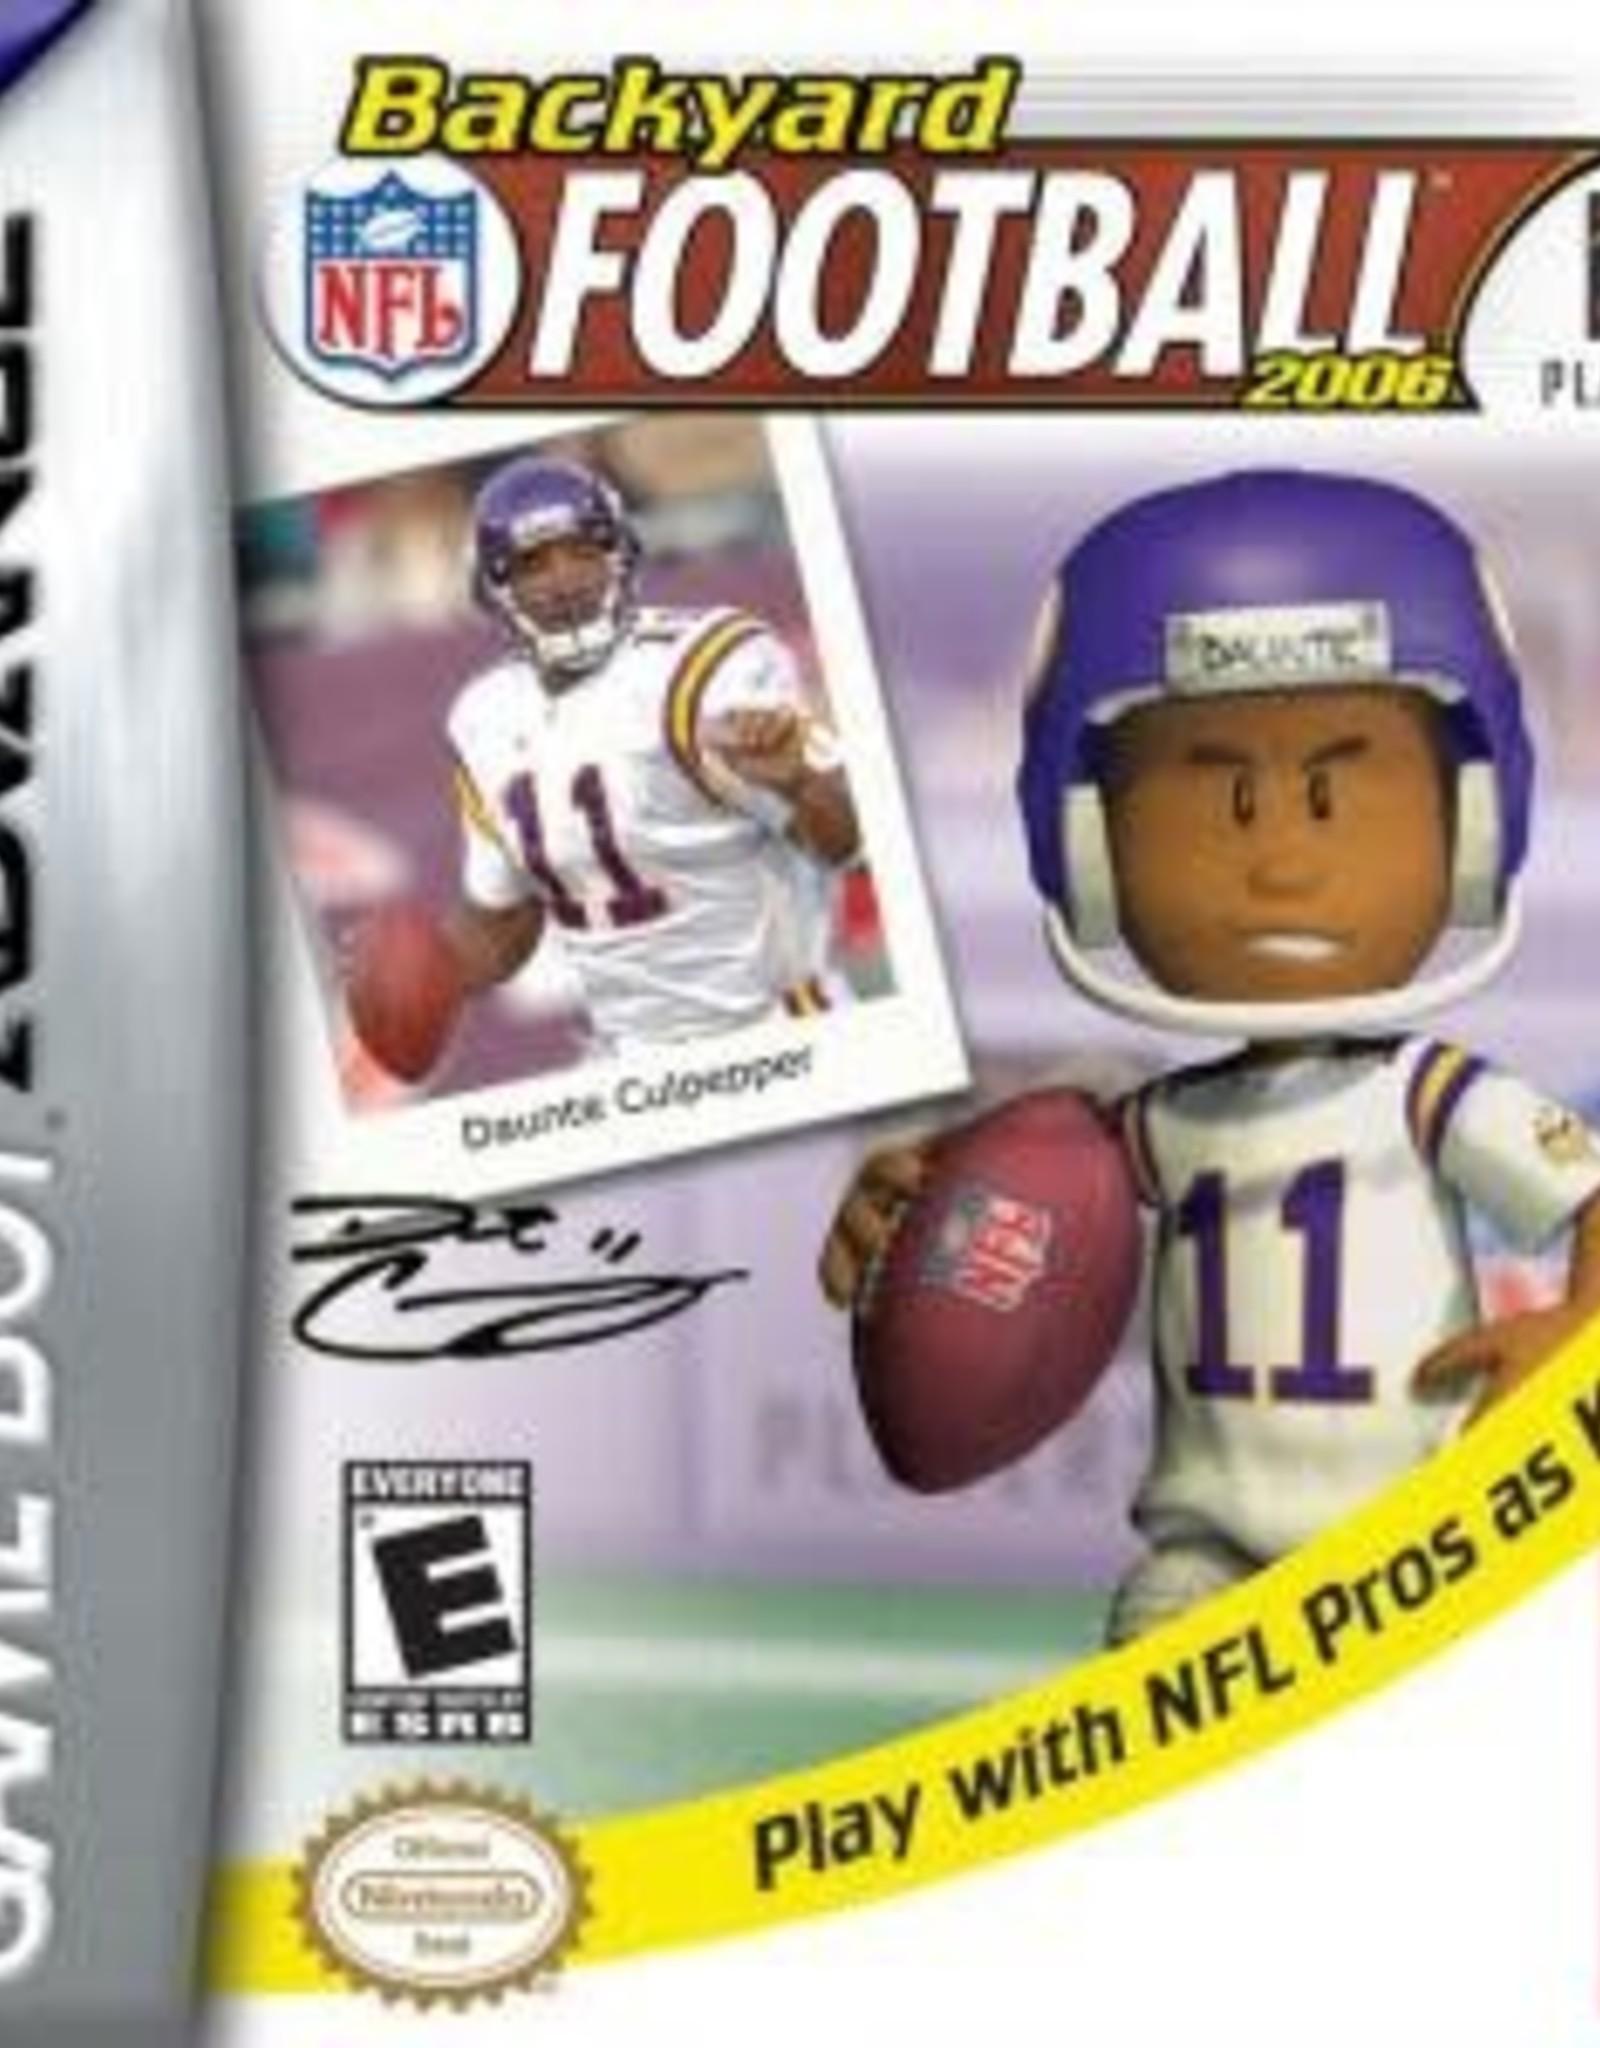 GameBoy Advance Backyard Football 2006 (Cart Only)